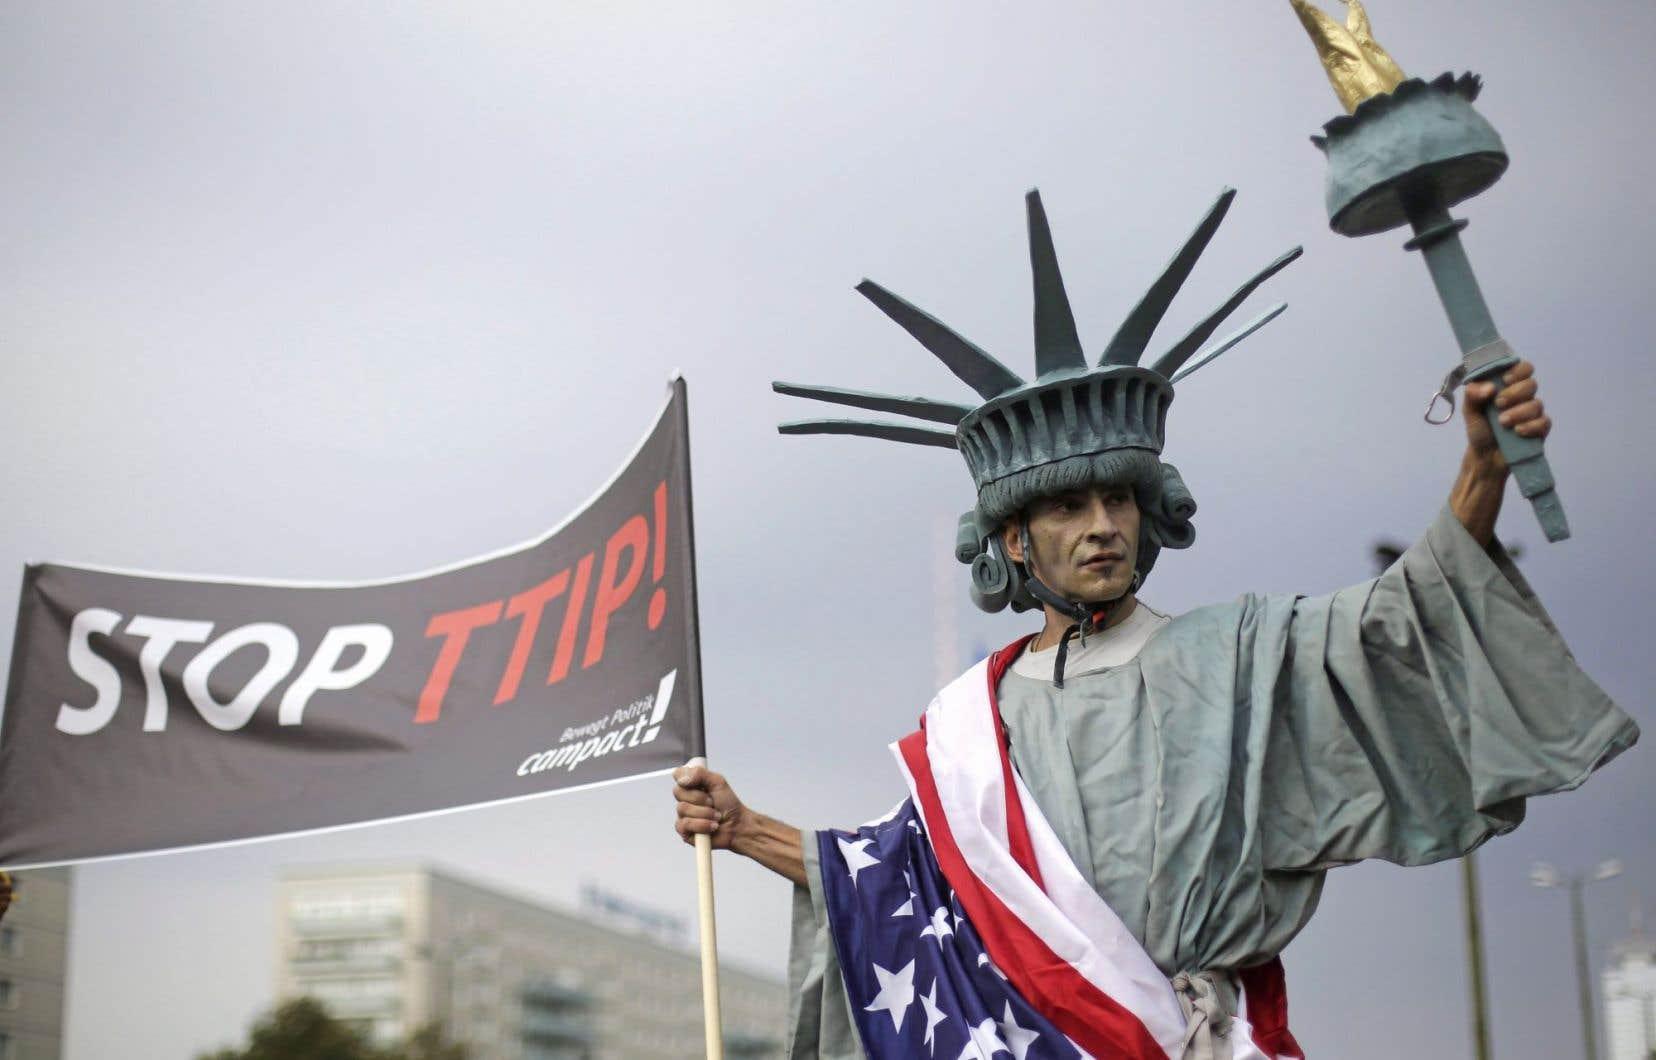 L'Accord de libre-échange nord-américain (ALENA) et le Partenariat transpacifique ont fait l'objet de manifestations ces derniers mois. Lors de la campagne électorale, Donald Trump a maintes fois laissé entendre que le libre-échange est nuisible pour l'économie américaine.